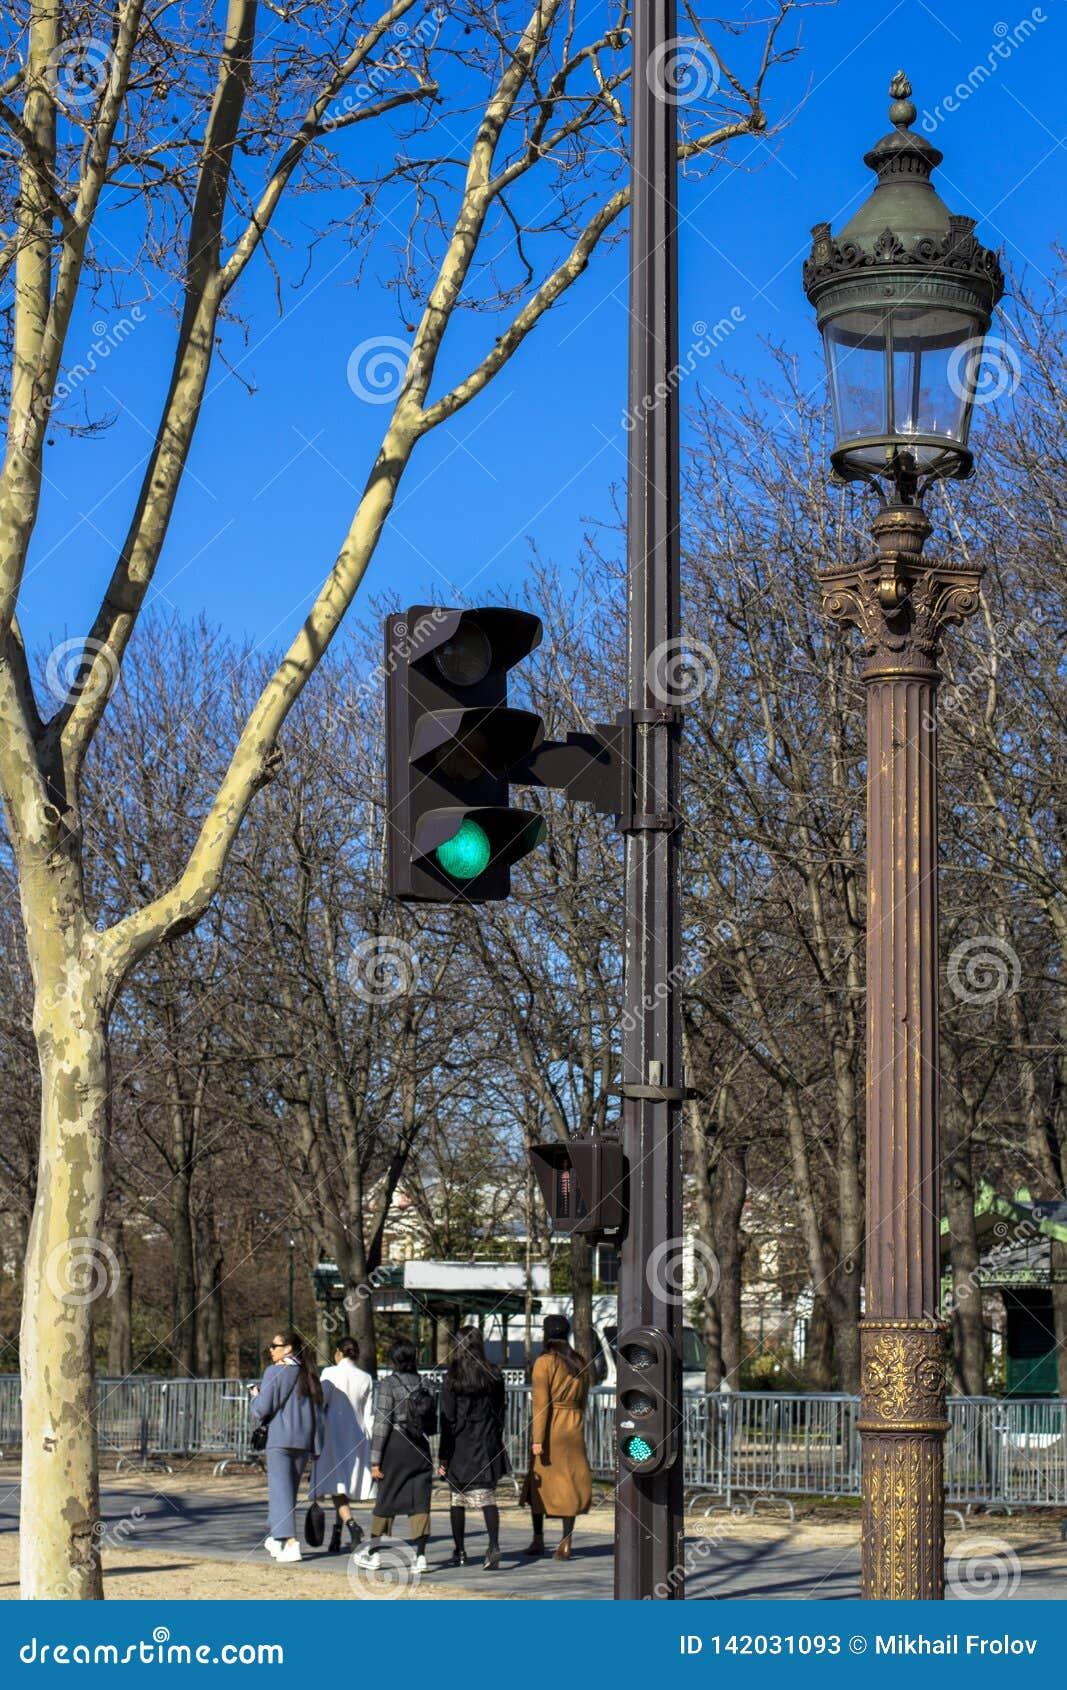 Feu de signalisation, lanterne, arbre contre le ciel bleu au printemps à Paris, où les gens marchent par temps beau